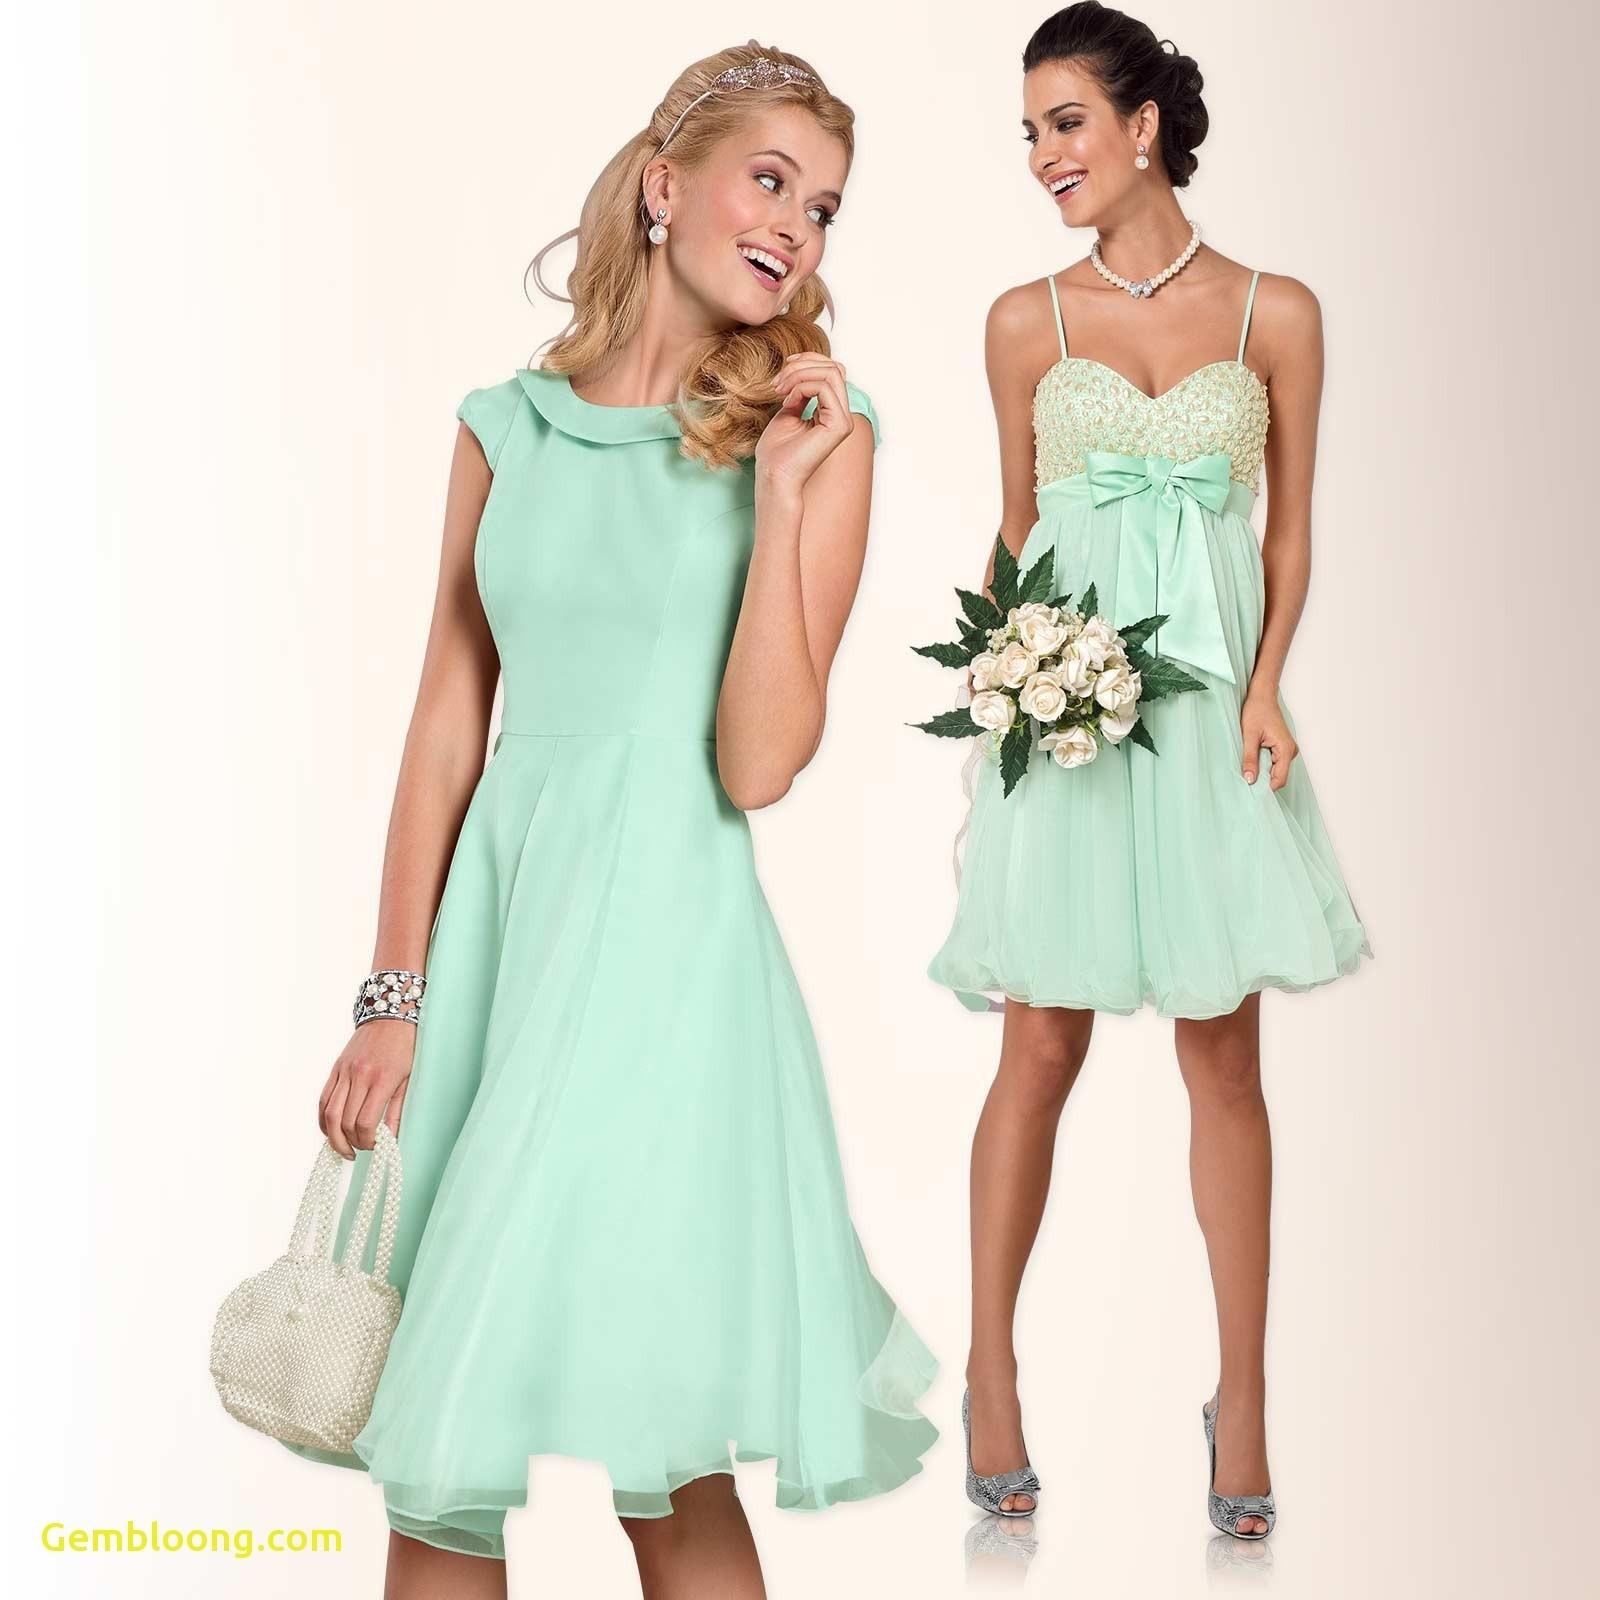 15 Genial Billige Kleider DesignAbend Genial Billige Kleider Design